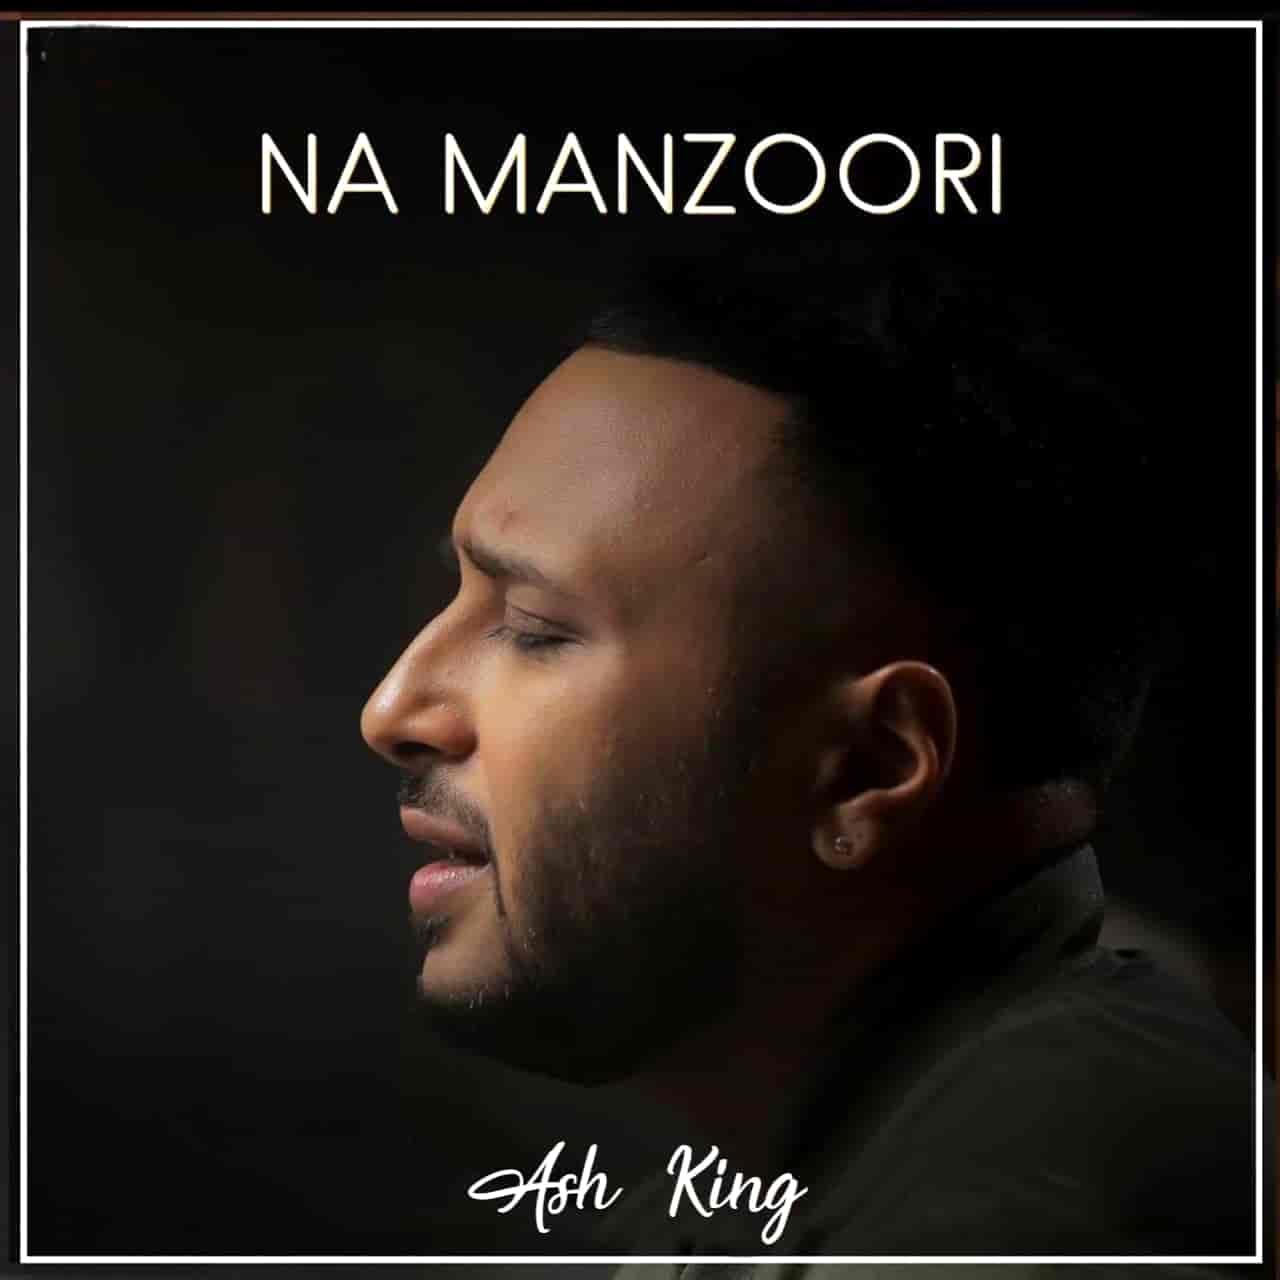 Na Manzoori Hindi Song Image By Ash King